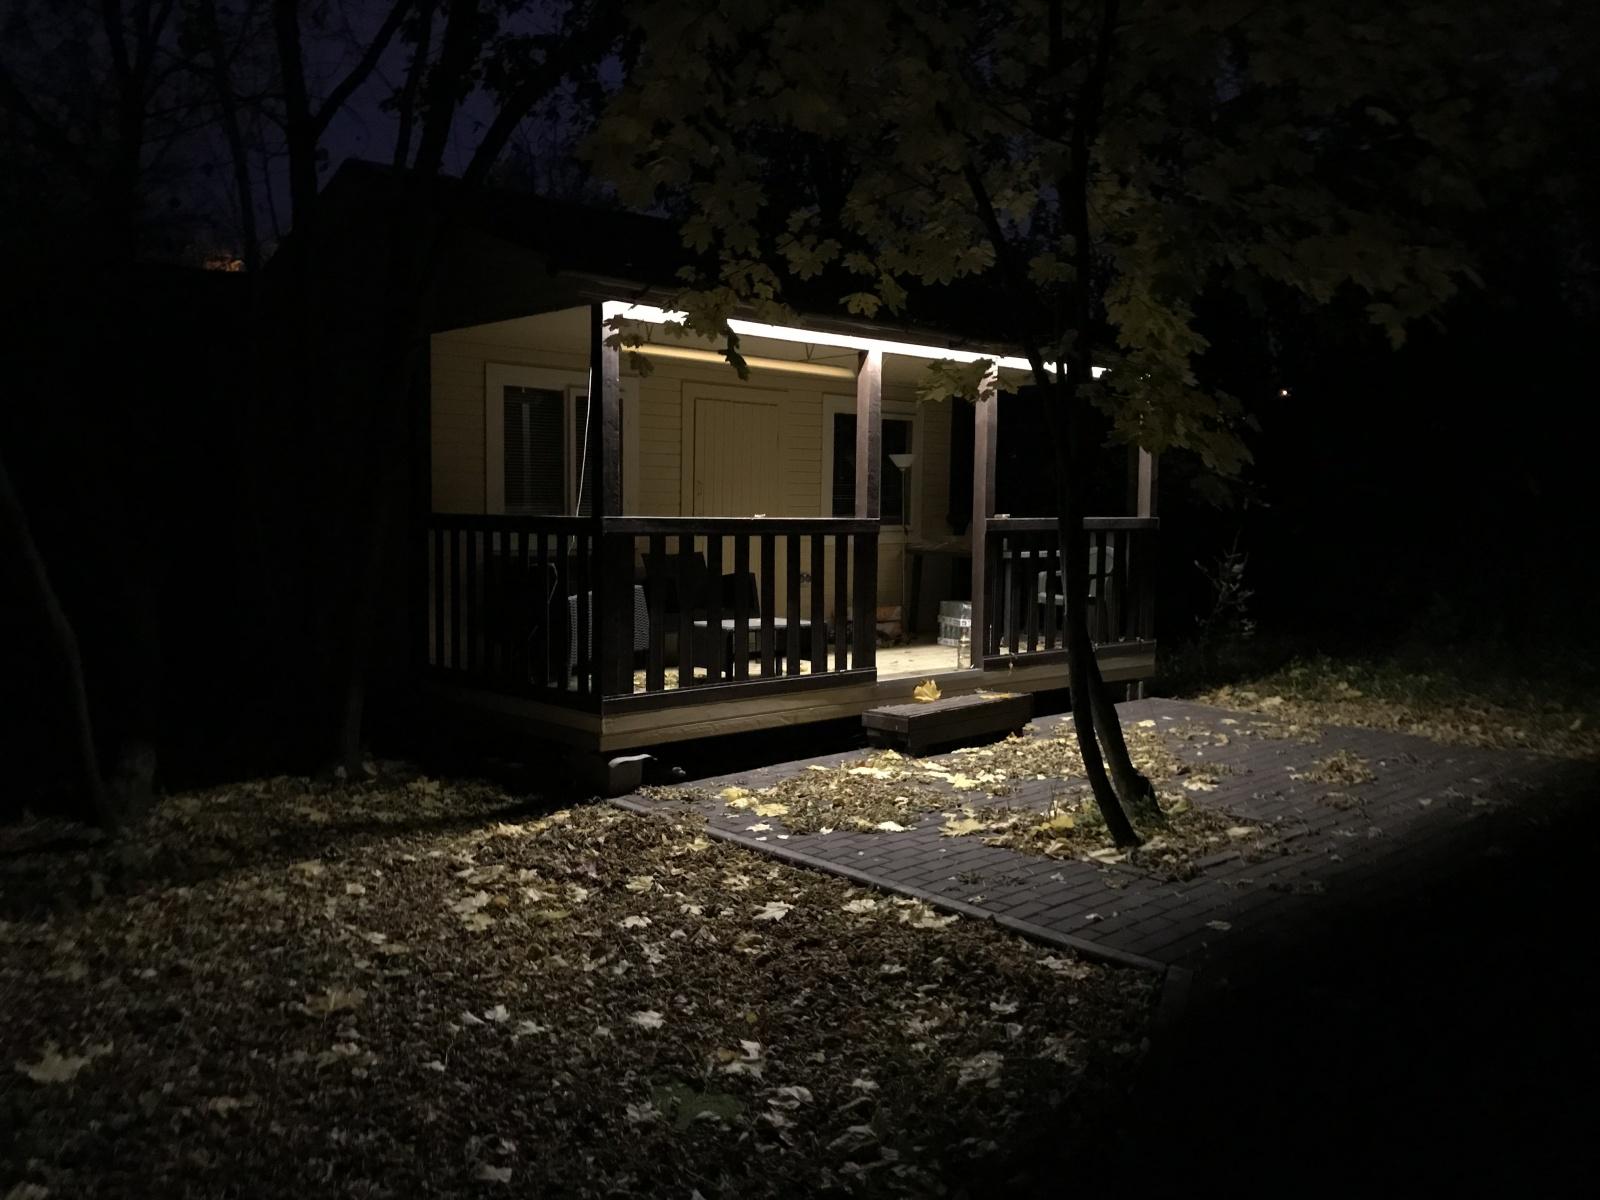 Noolite + Беседка — делаем удобный свет на даче - 1